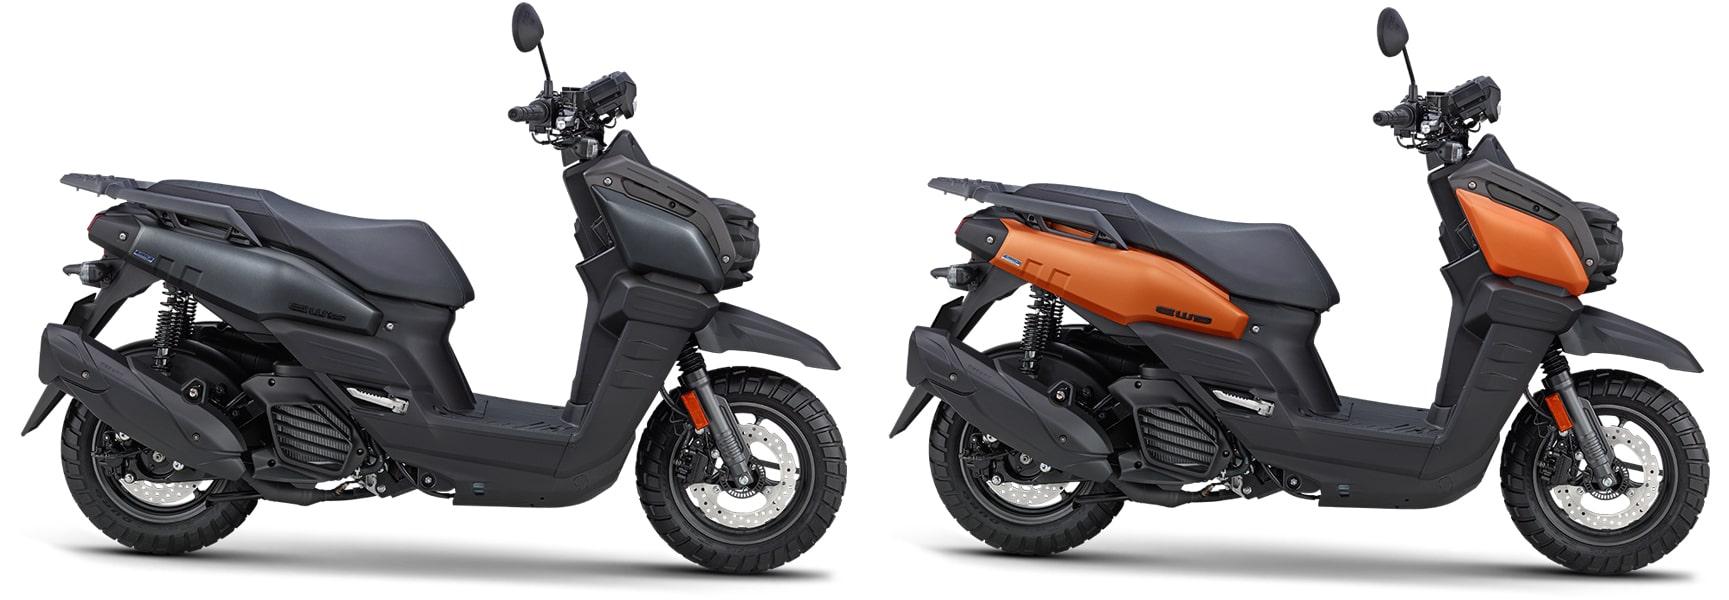 ยามาฮ่า bws 125 ปี 2021 สีดำแมทและสีส้ม